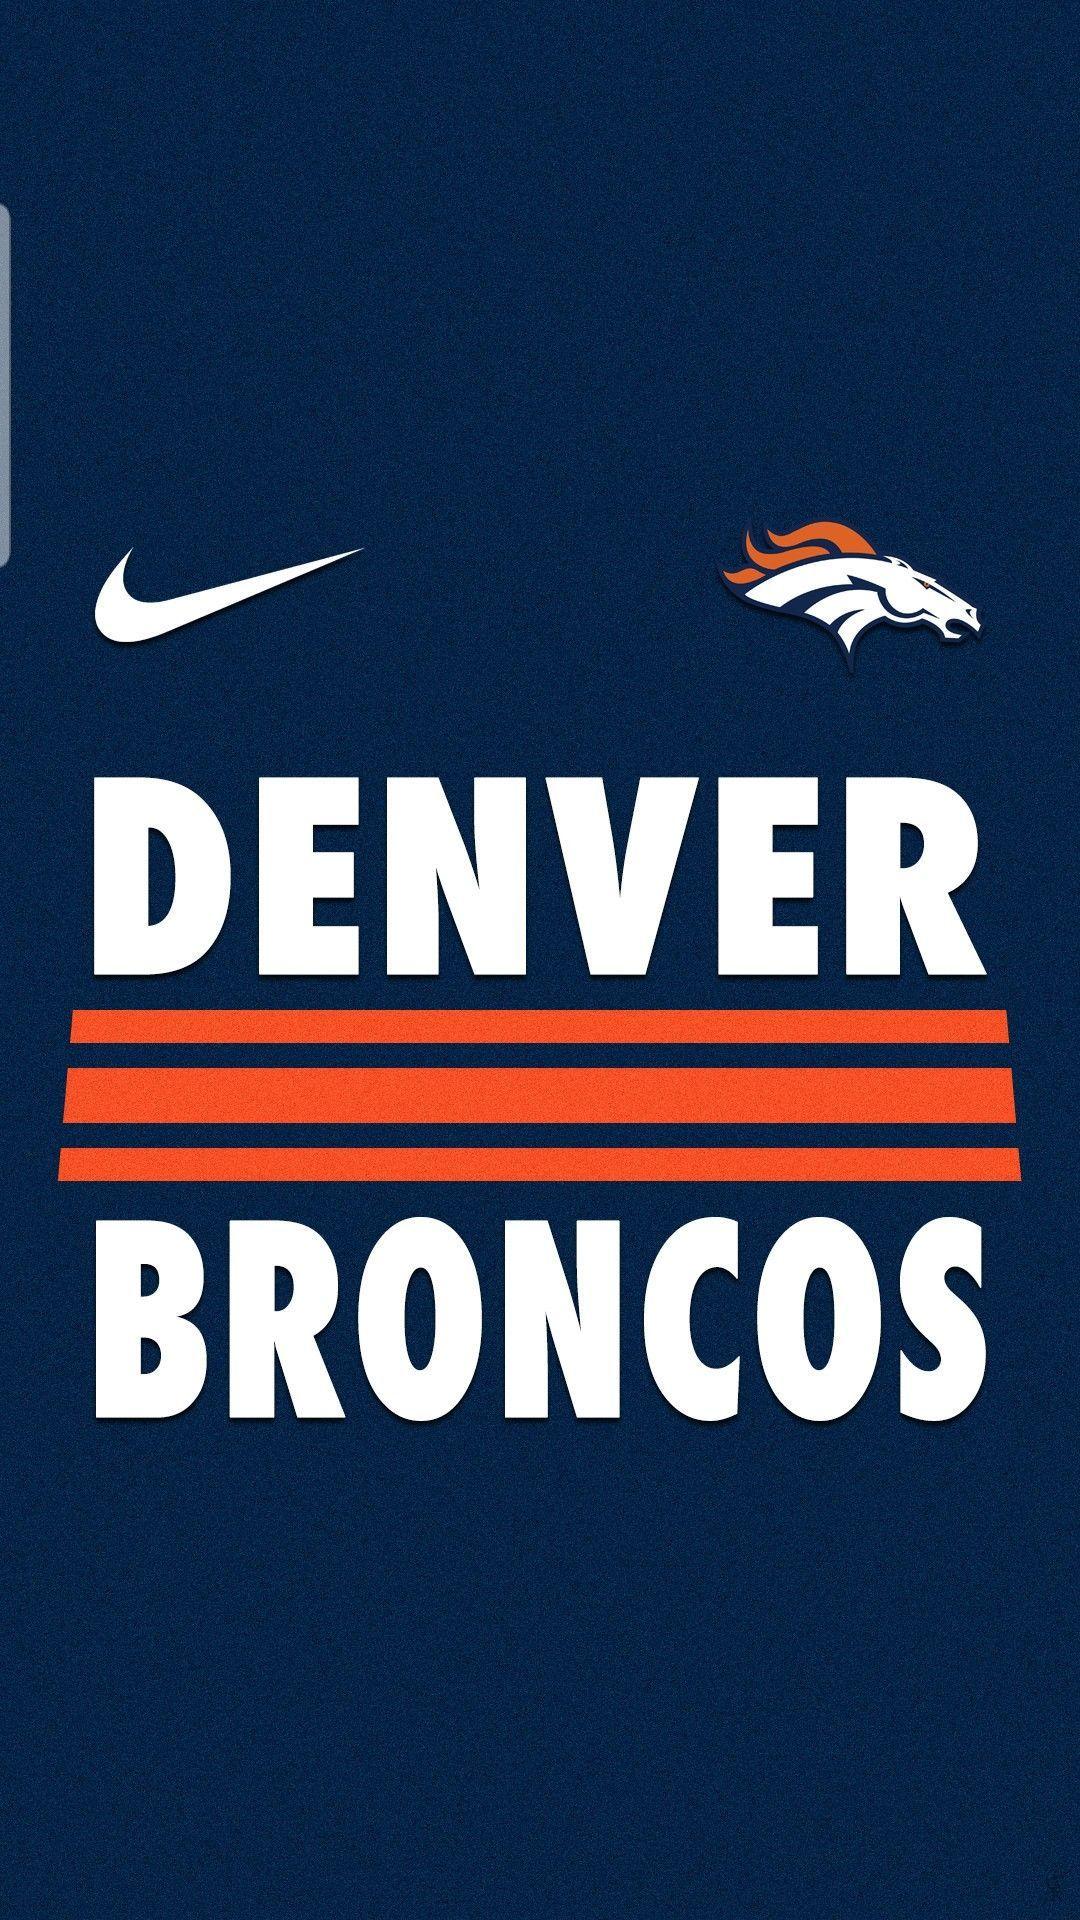 Broncos Background Image In 2020 Von Miller Broncos Denver Broncos Denver Broncos Football